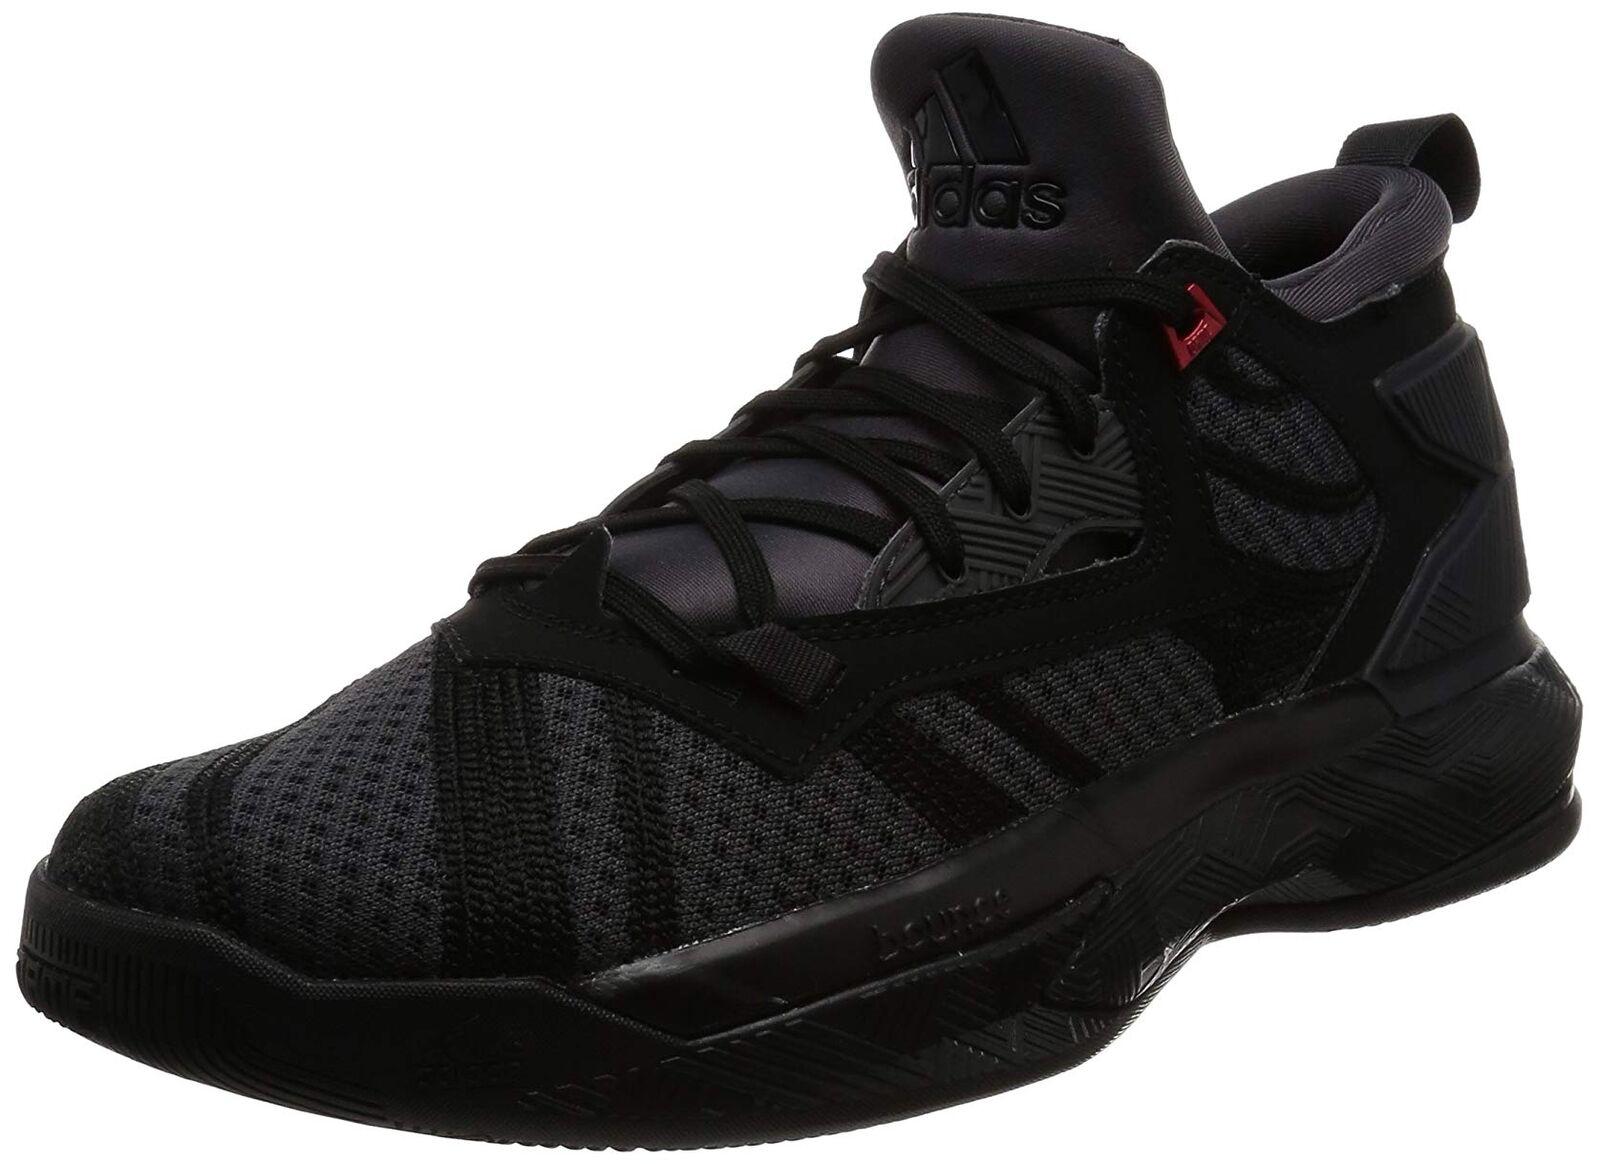 a78dfcd55f919 adidas D Lillard 2 Damian Shark Black Men Basketball Shoe Sneaker ...